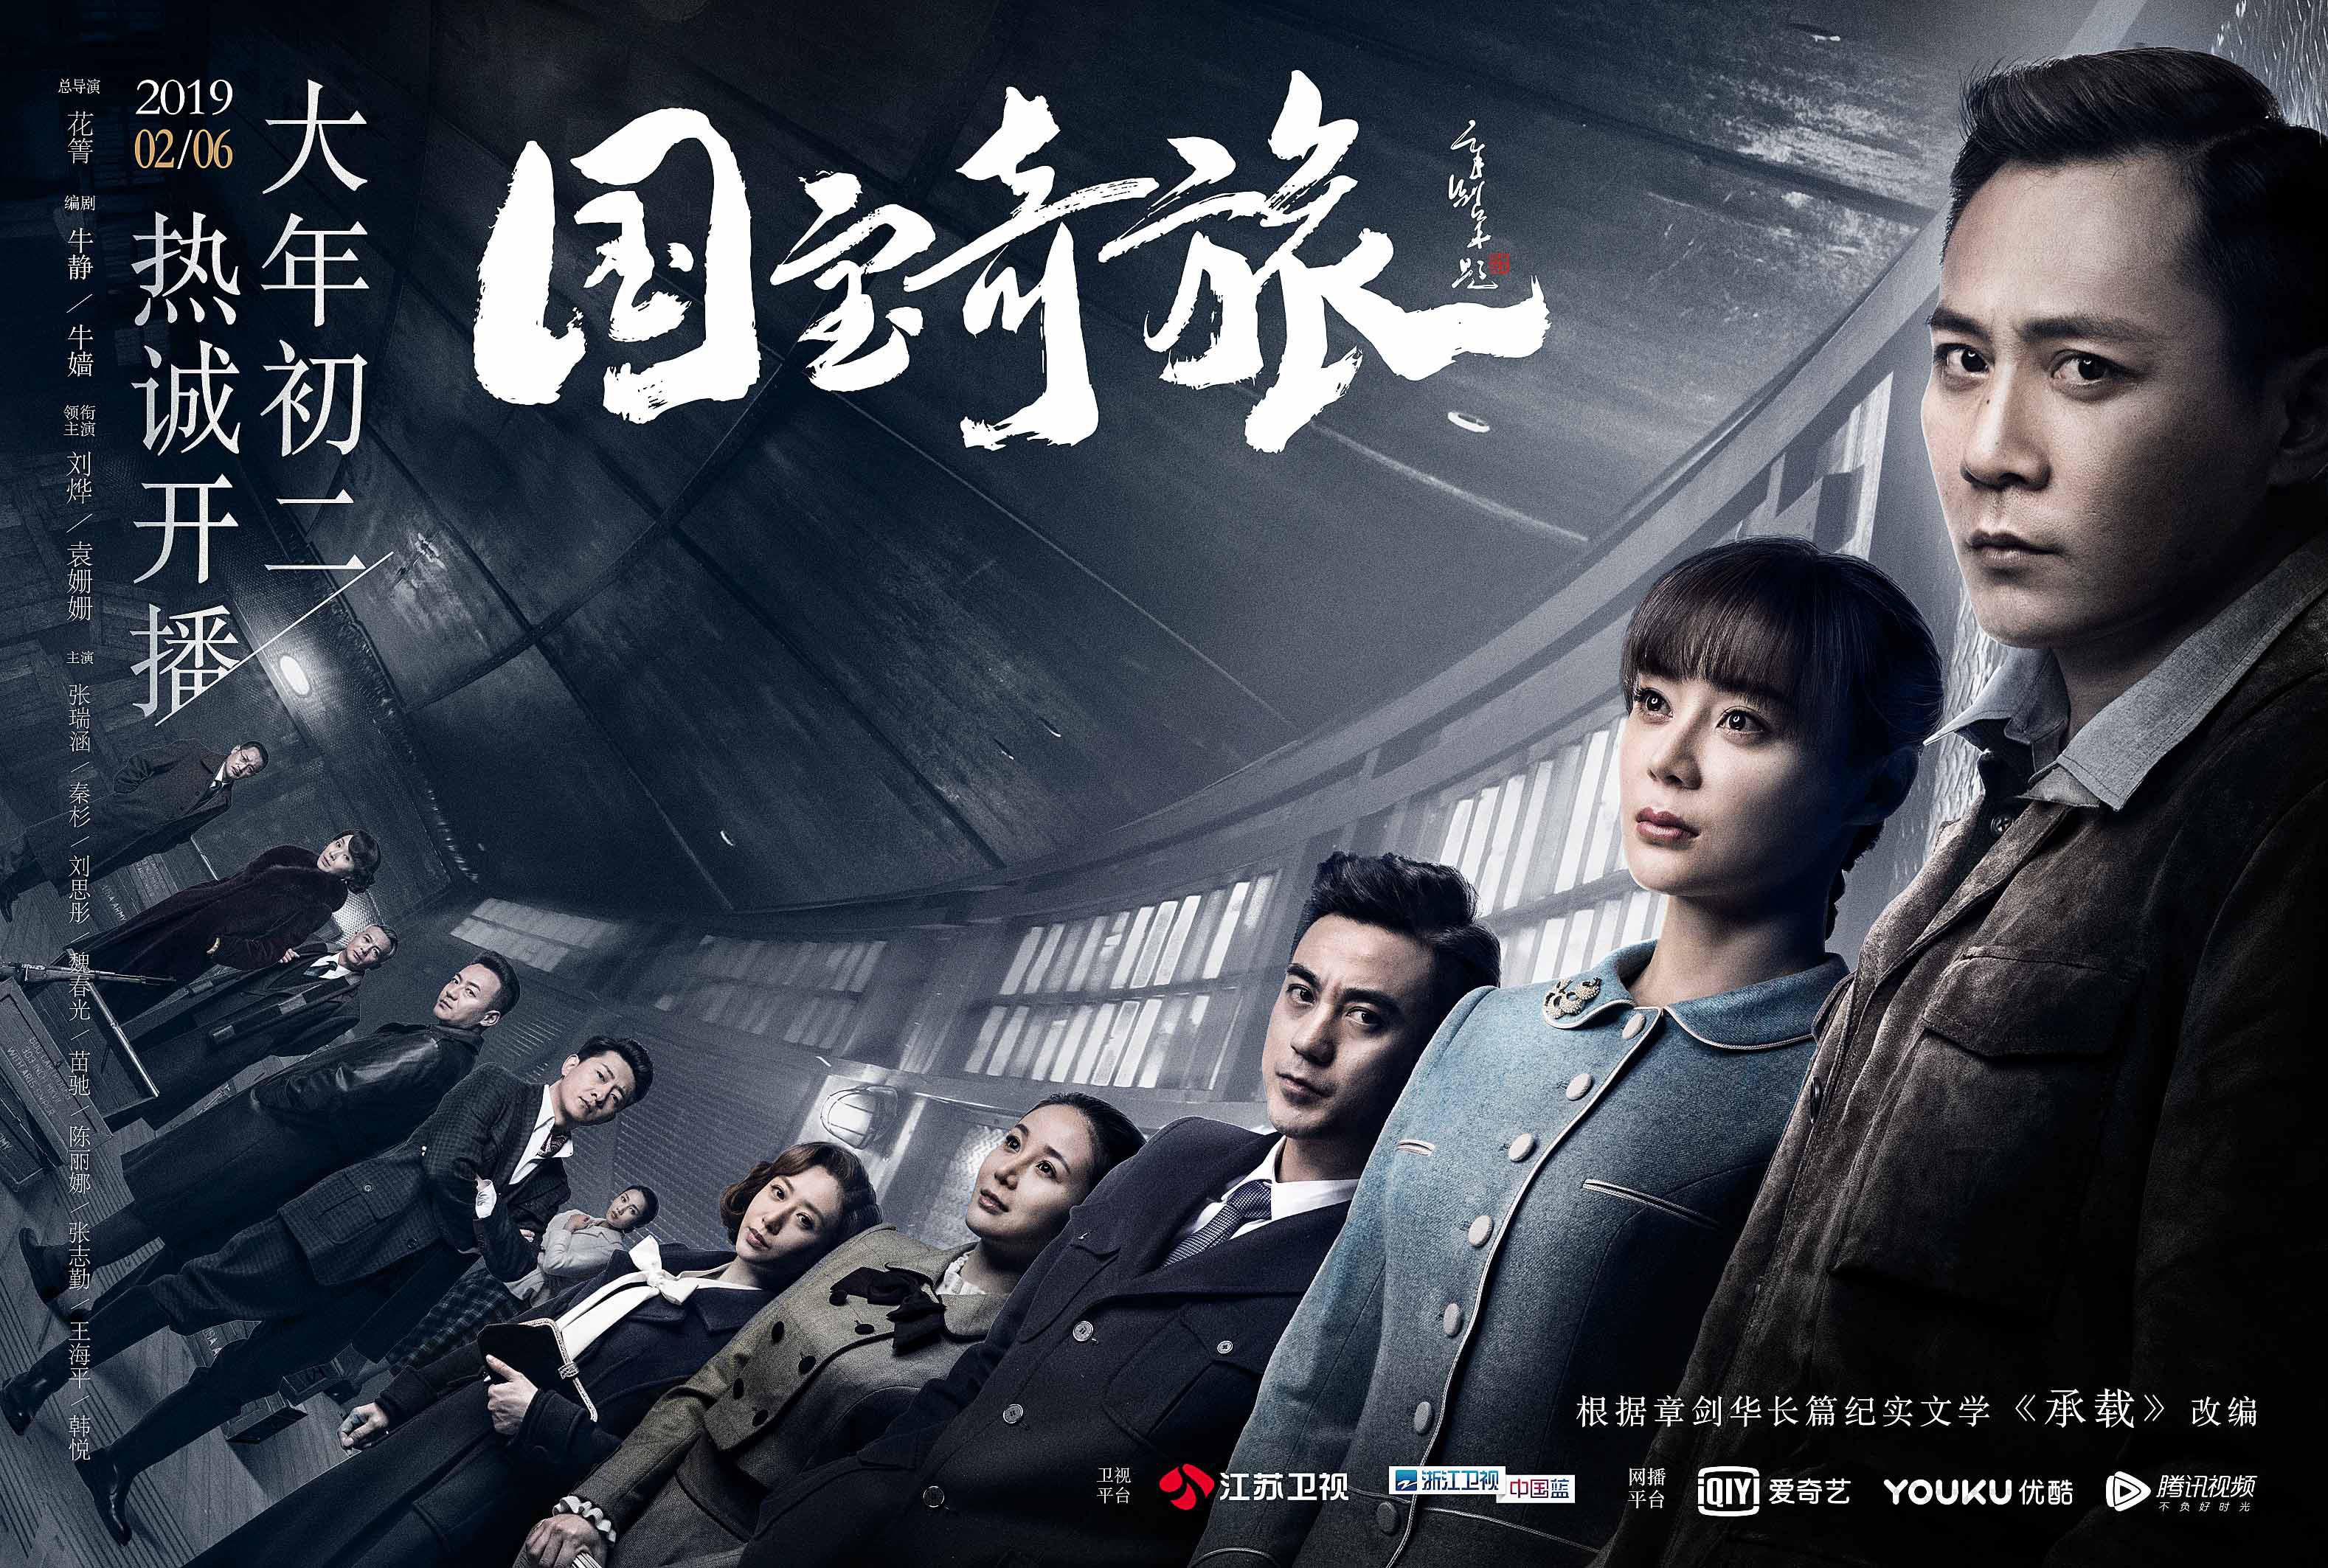 《国宝奇旅》定档0206 刘烨袁姗姗整装开启护